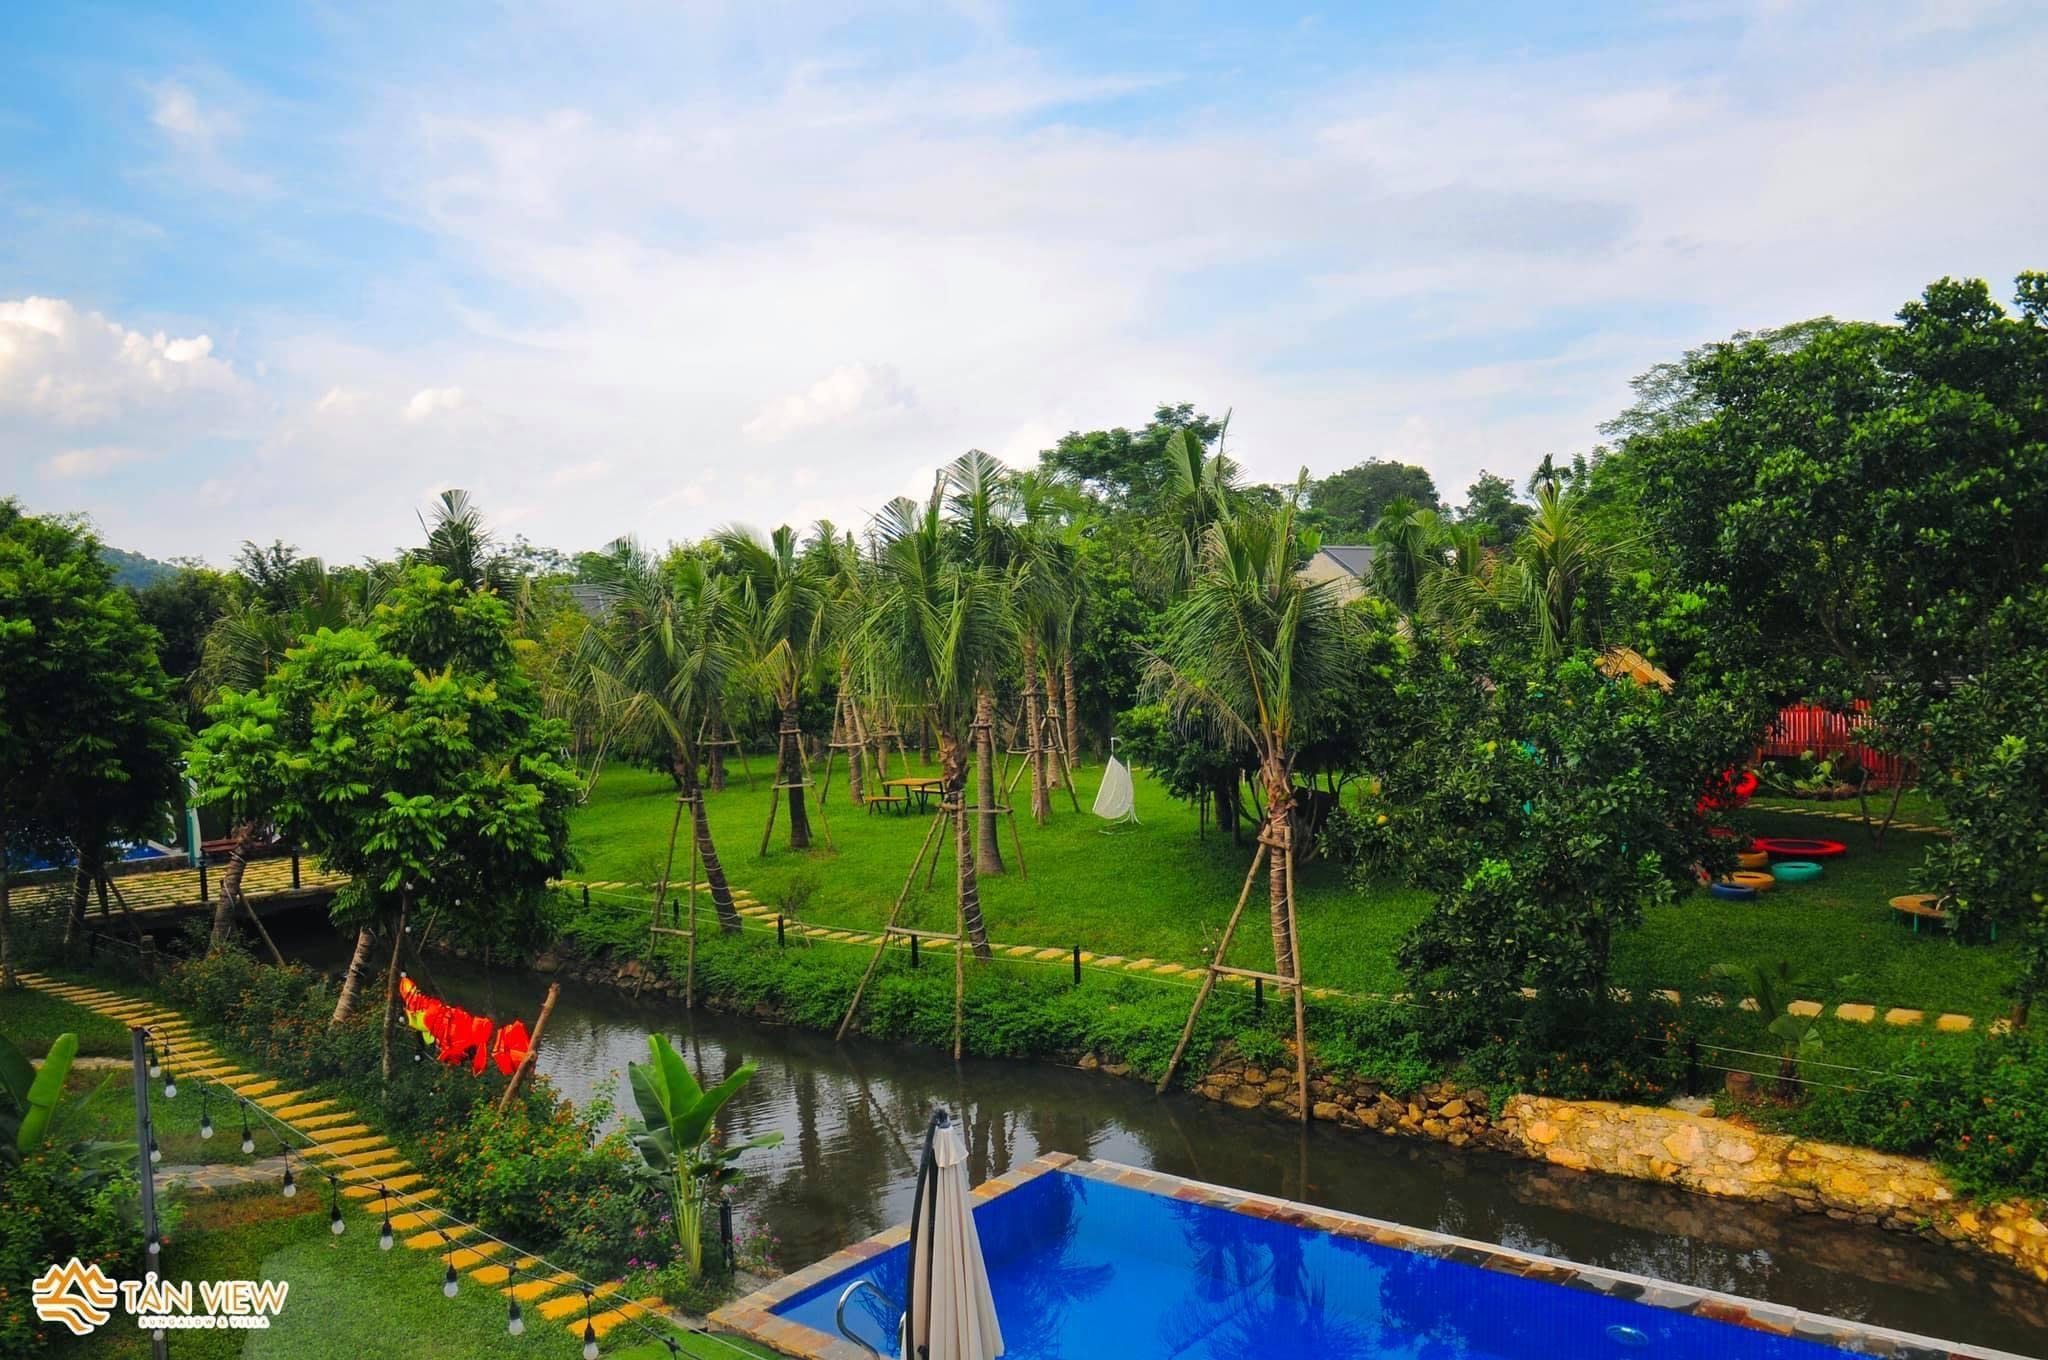 khong-gian-villa-18-tan-view-bungalow-villa-homestay-ba-vi-ha-noi-06